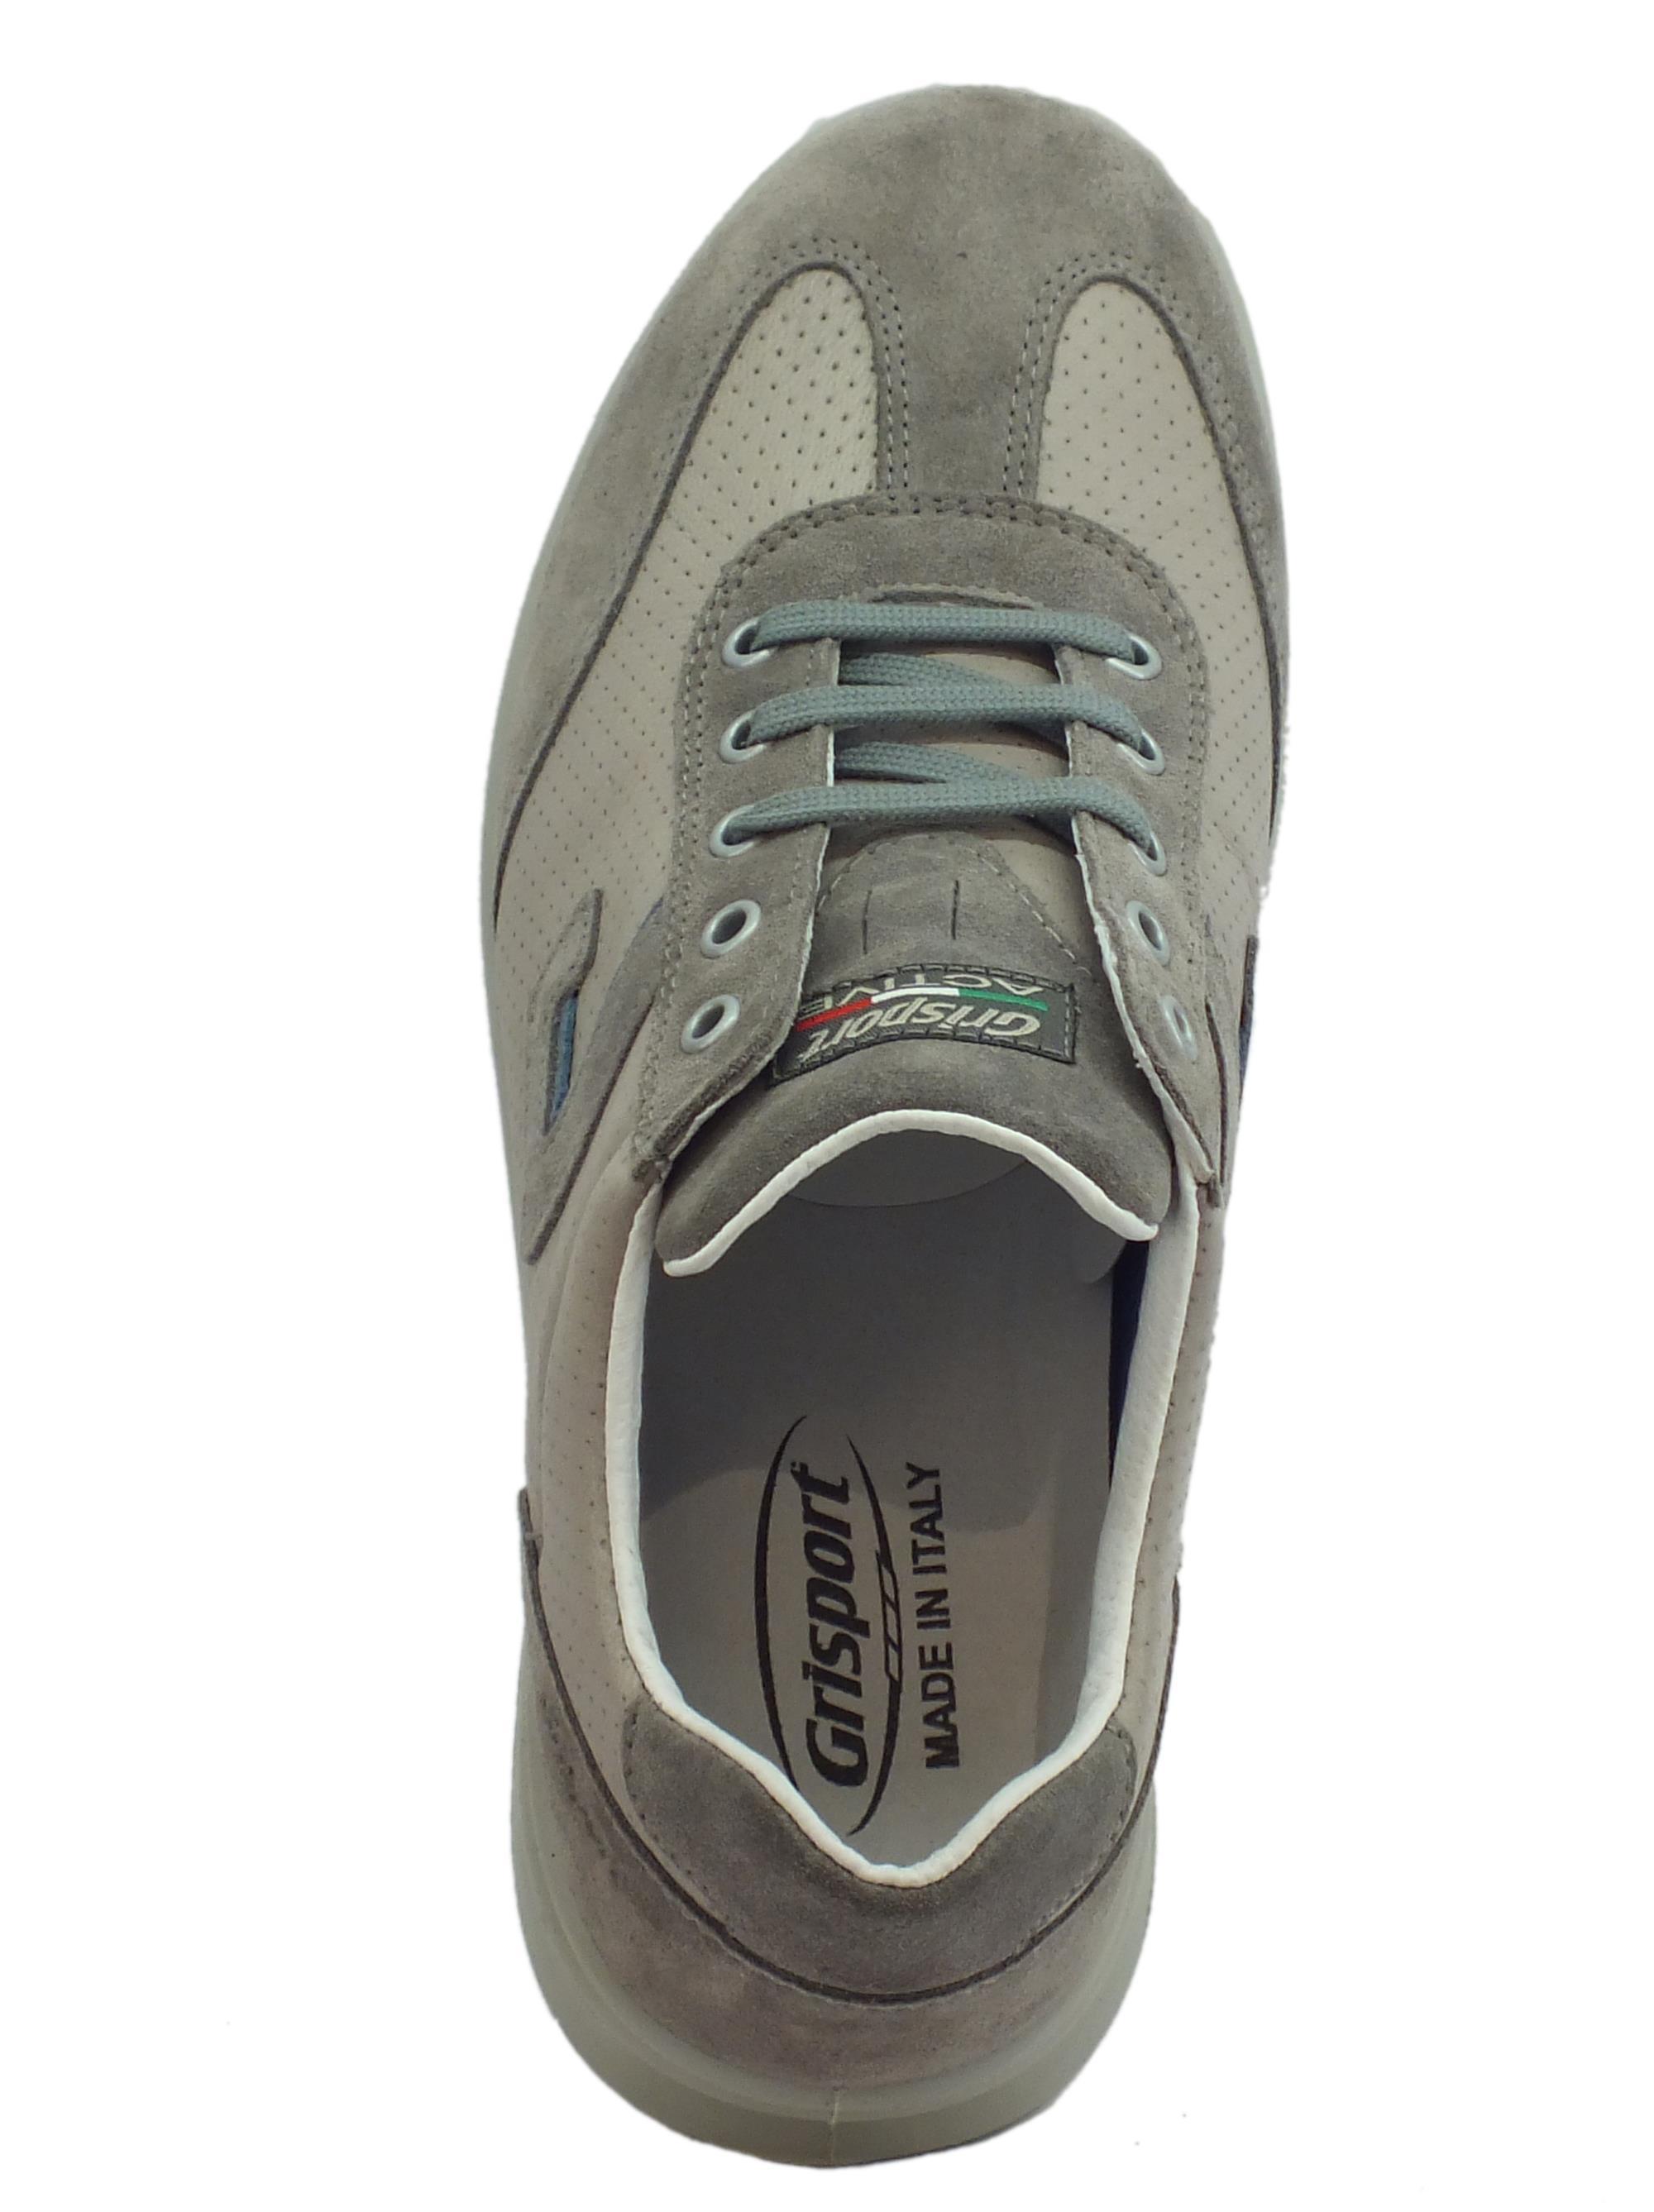 ... Scarpe Grisport Active per uomo in nabuk e pelle grigio antistatica 6e864c3dccb